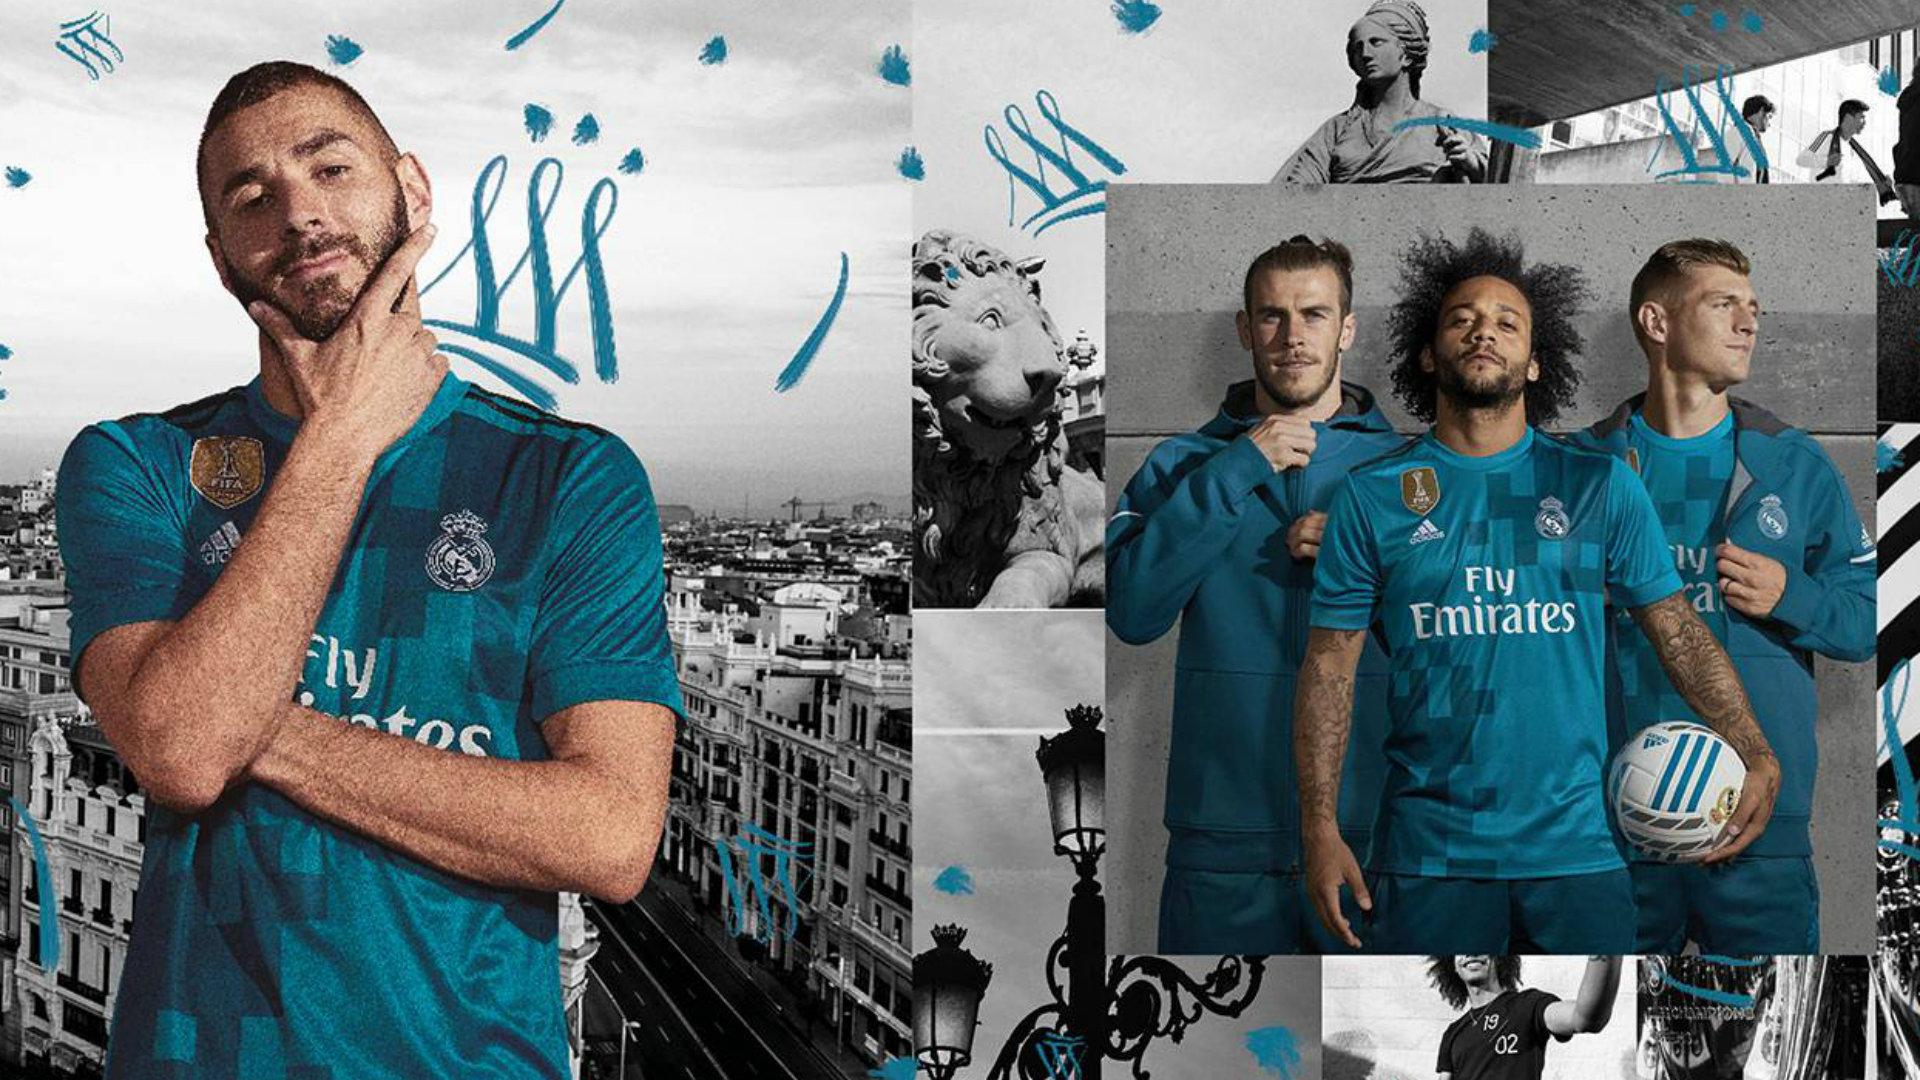 Real Madrid 3ª shirt